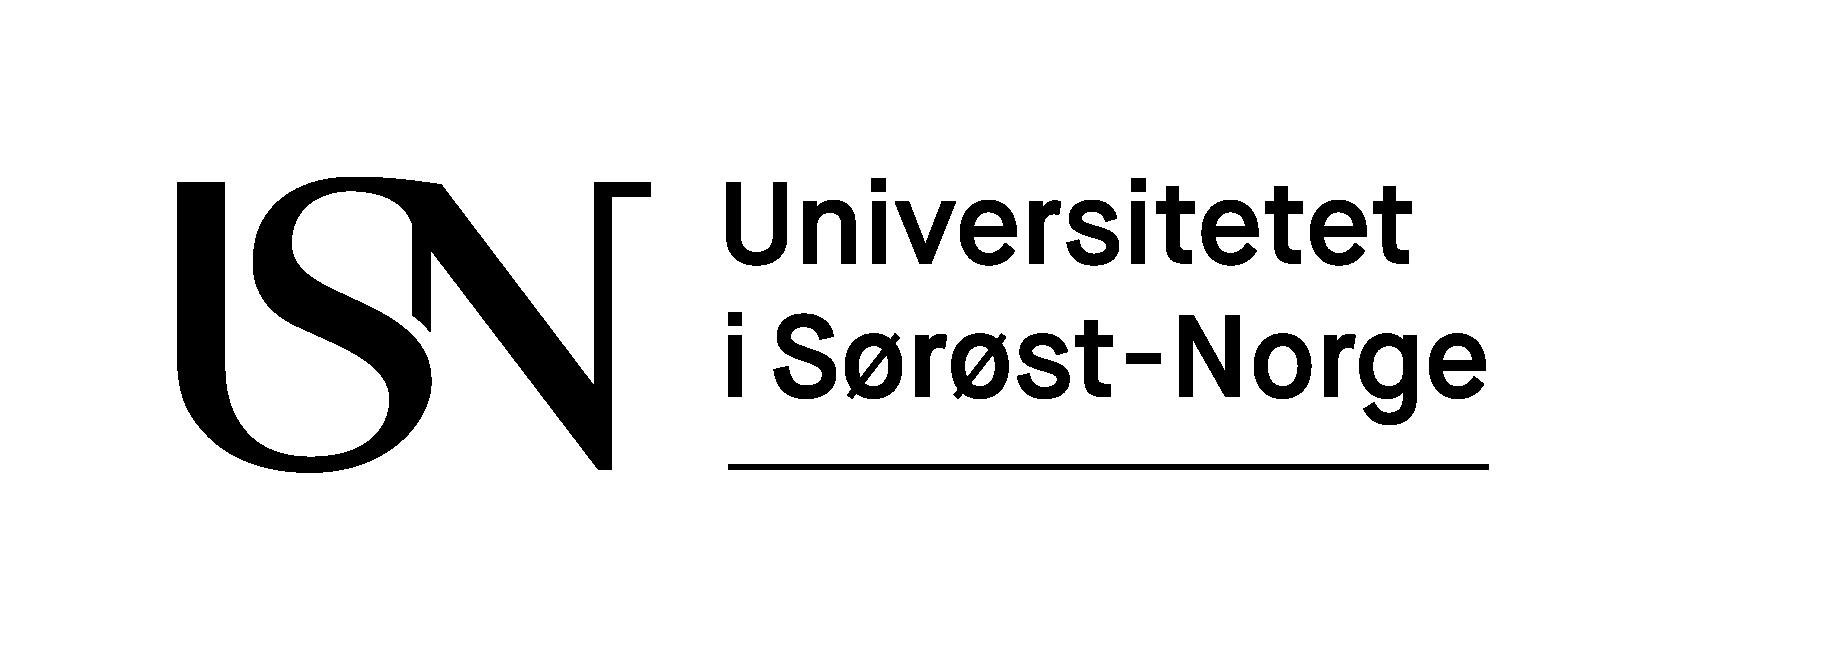 Logo Universitetet i Sørøst-Norge (bilde)